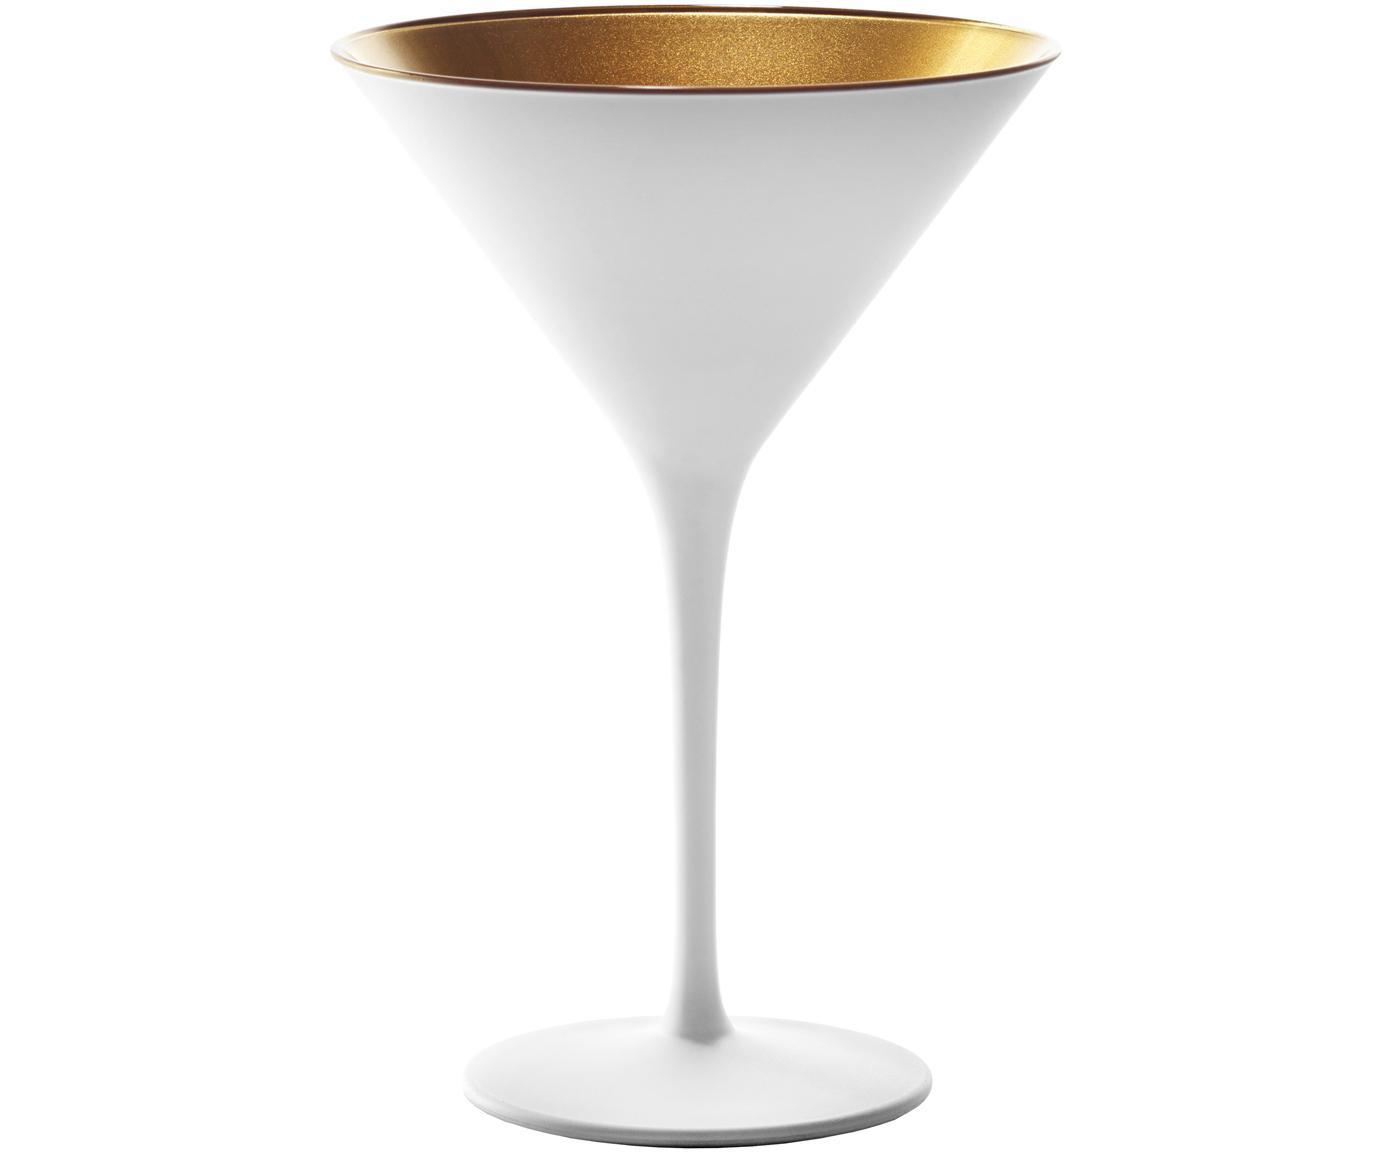 Bicchiere da cocktail in cristallo Elements 6 pz, Cristallo, rivestito, Bianco, ottonato, Ø 12 x Alt. 17 cm